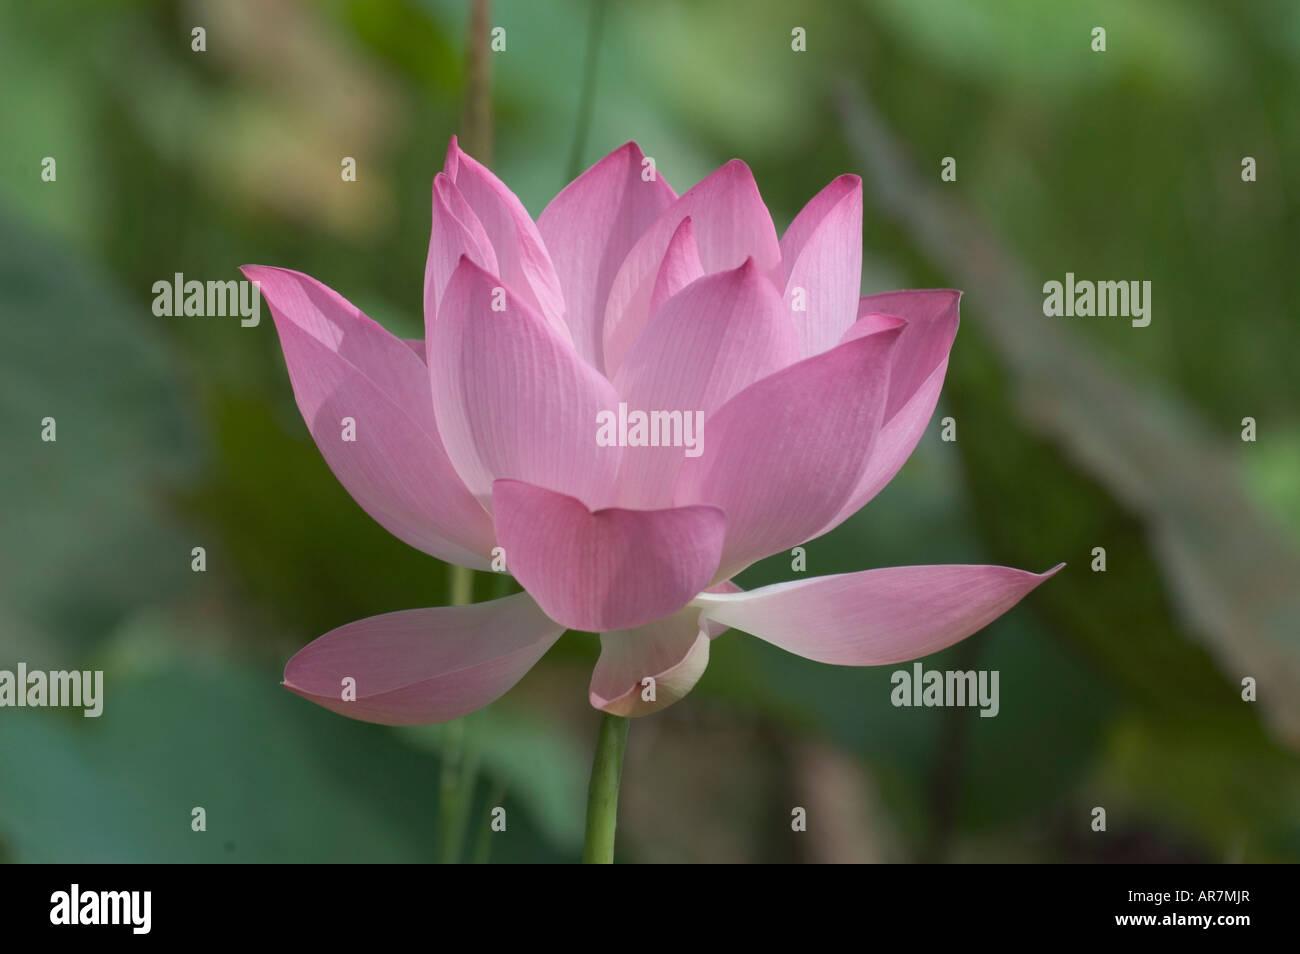 Blooming pink lotus flower in Novemer Banteay Srei, Angkor Cambodia Stock Photo